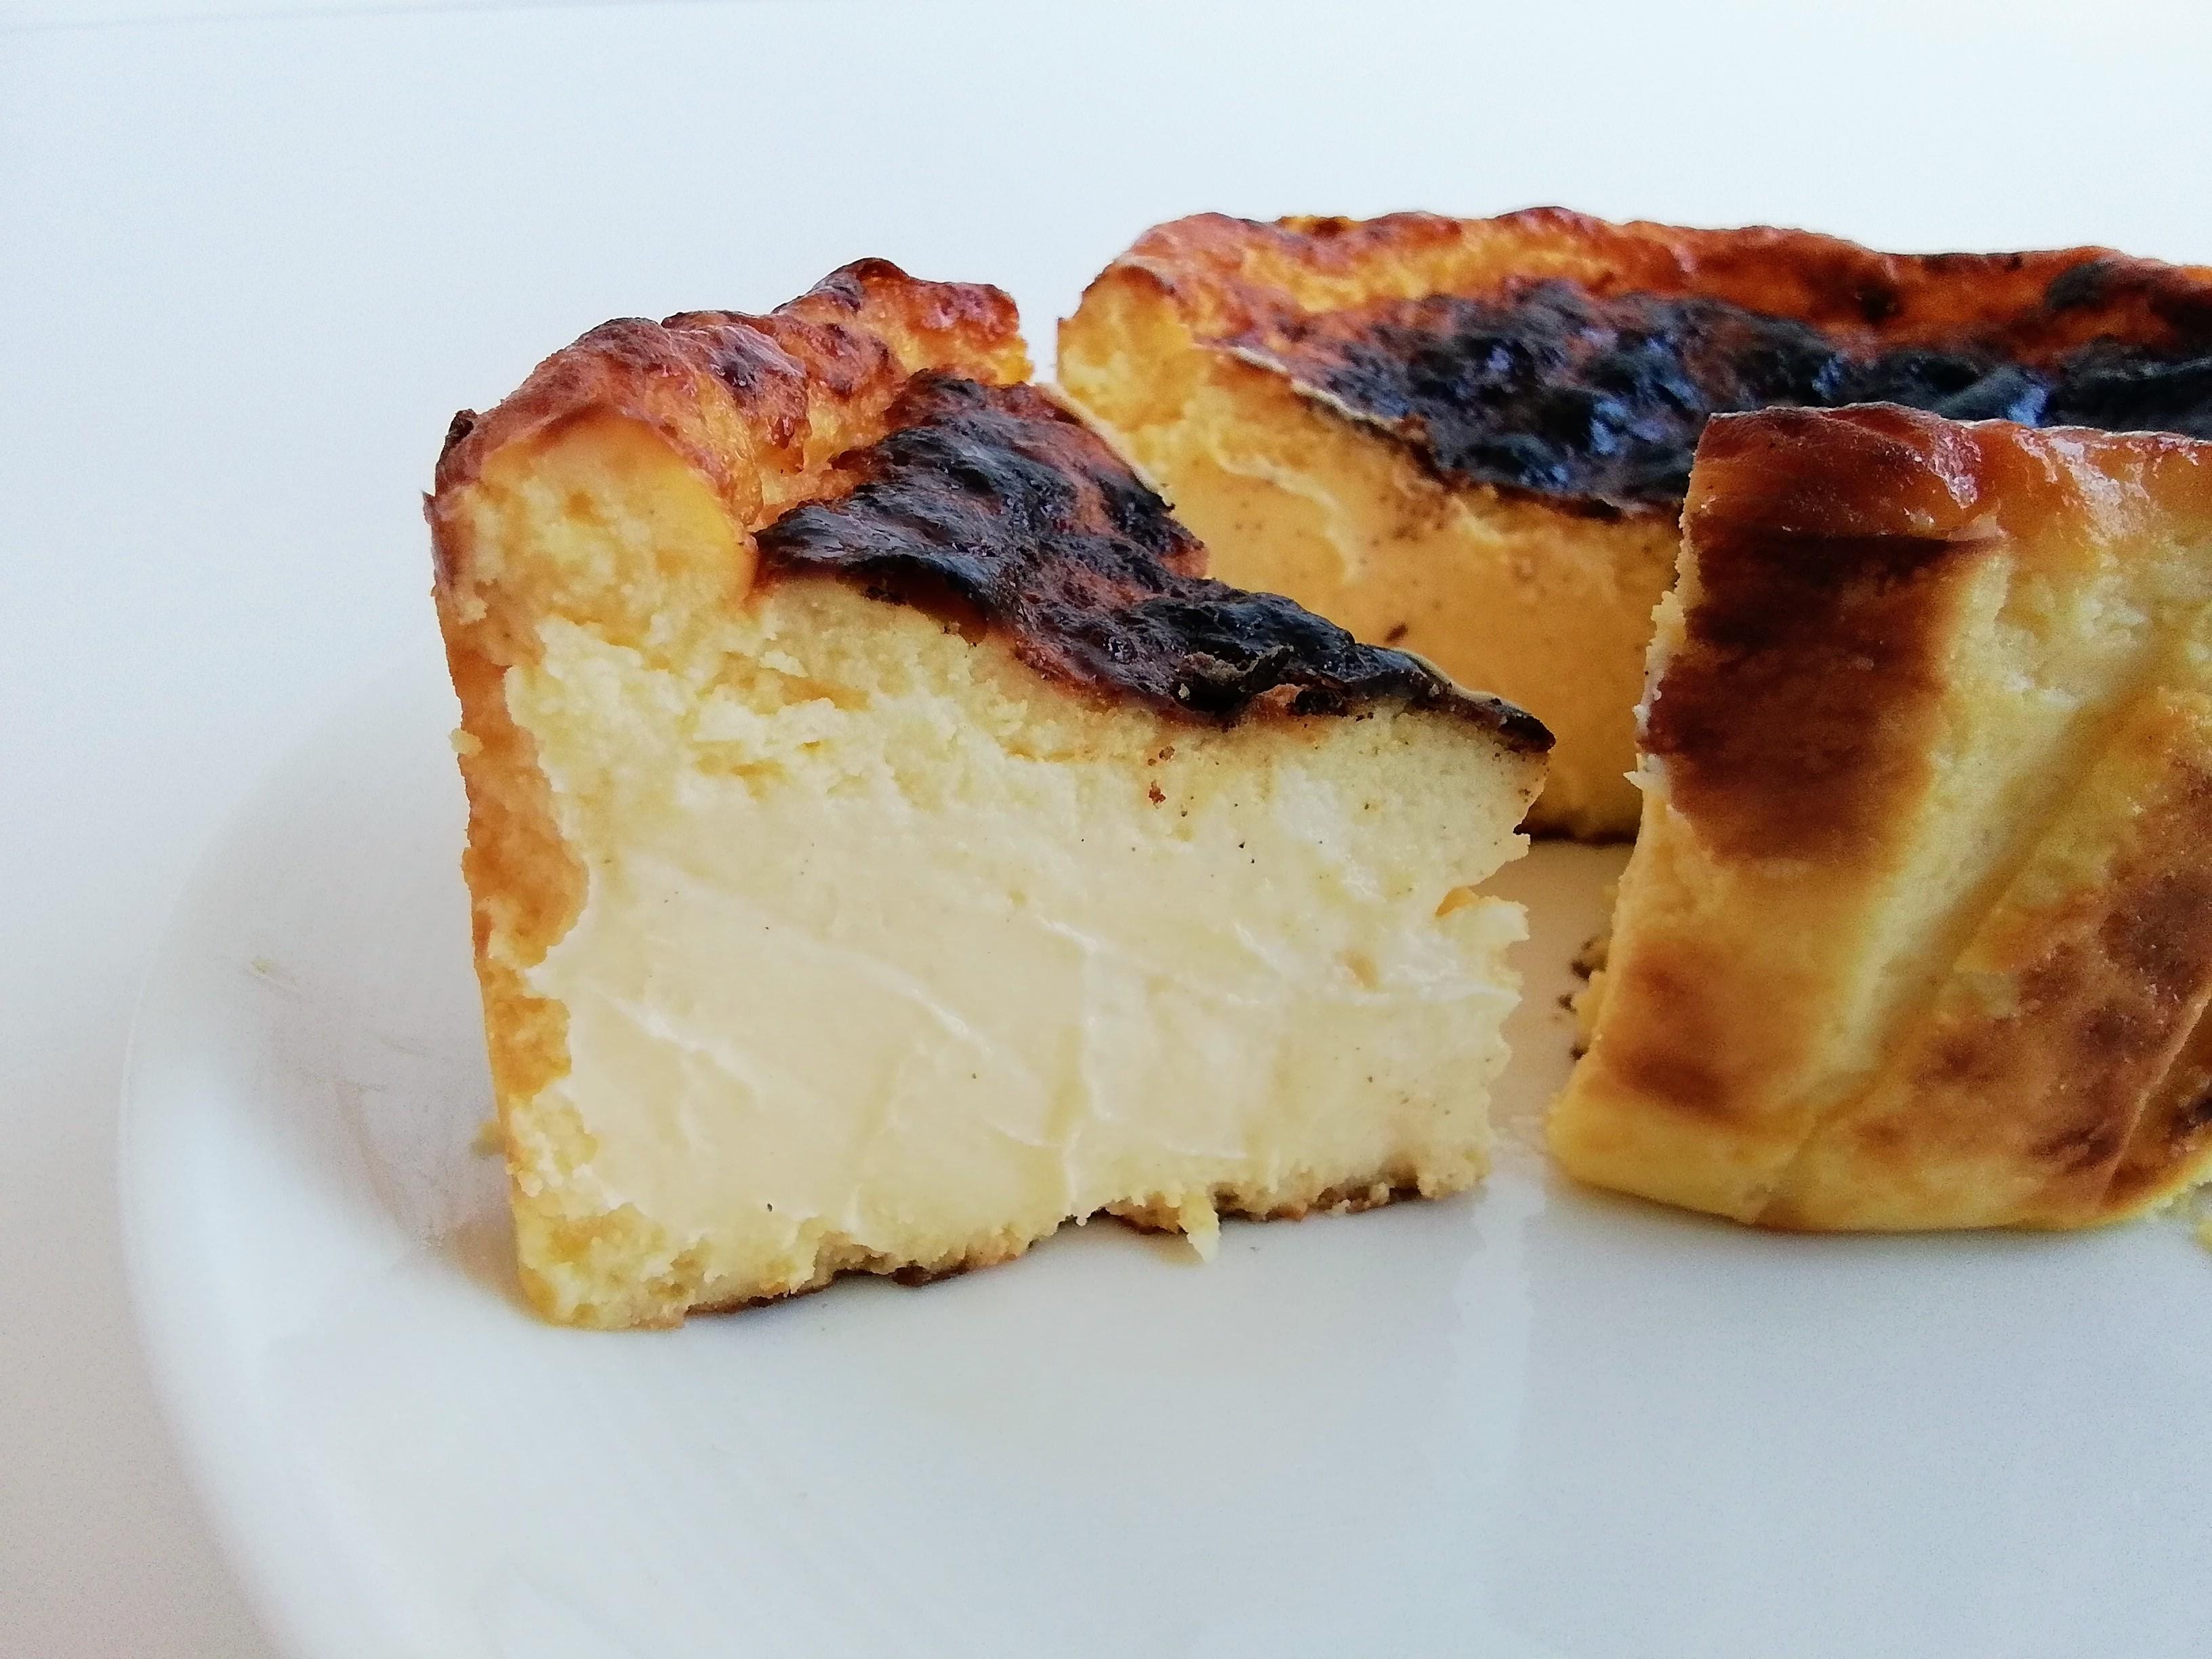 カズノリイケダのバスクチーズケーキ カット